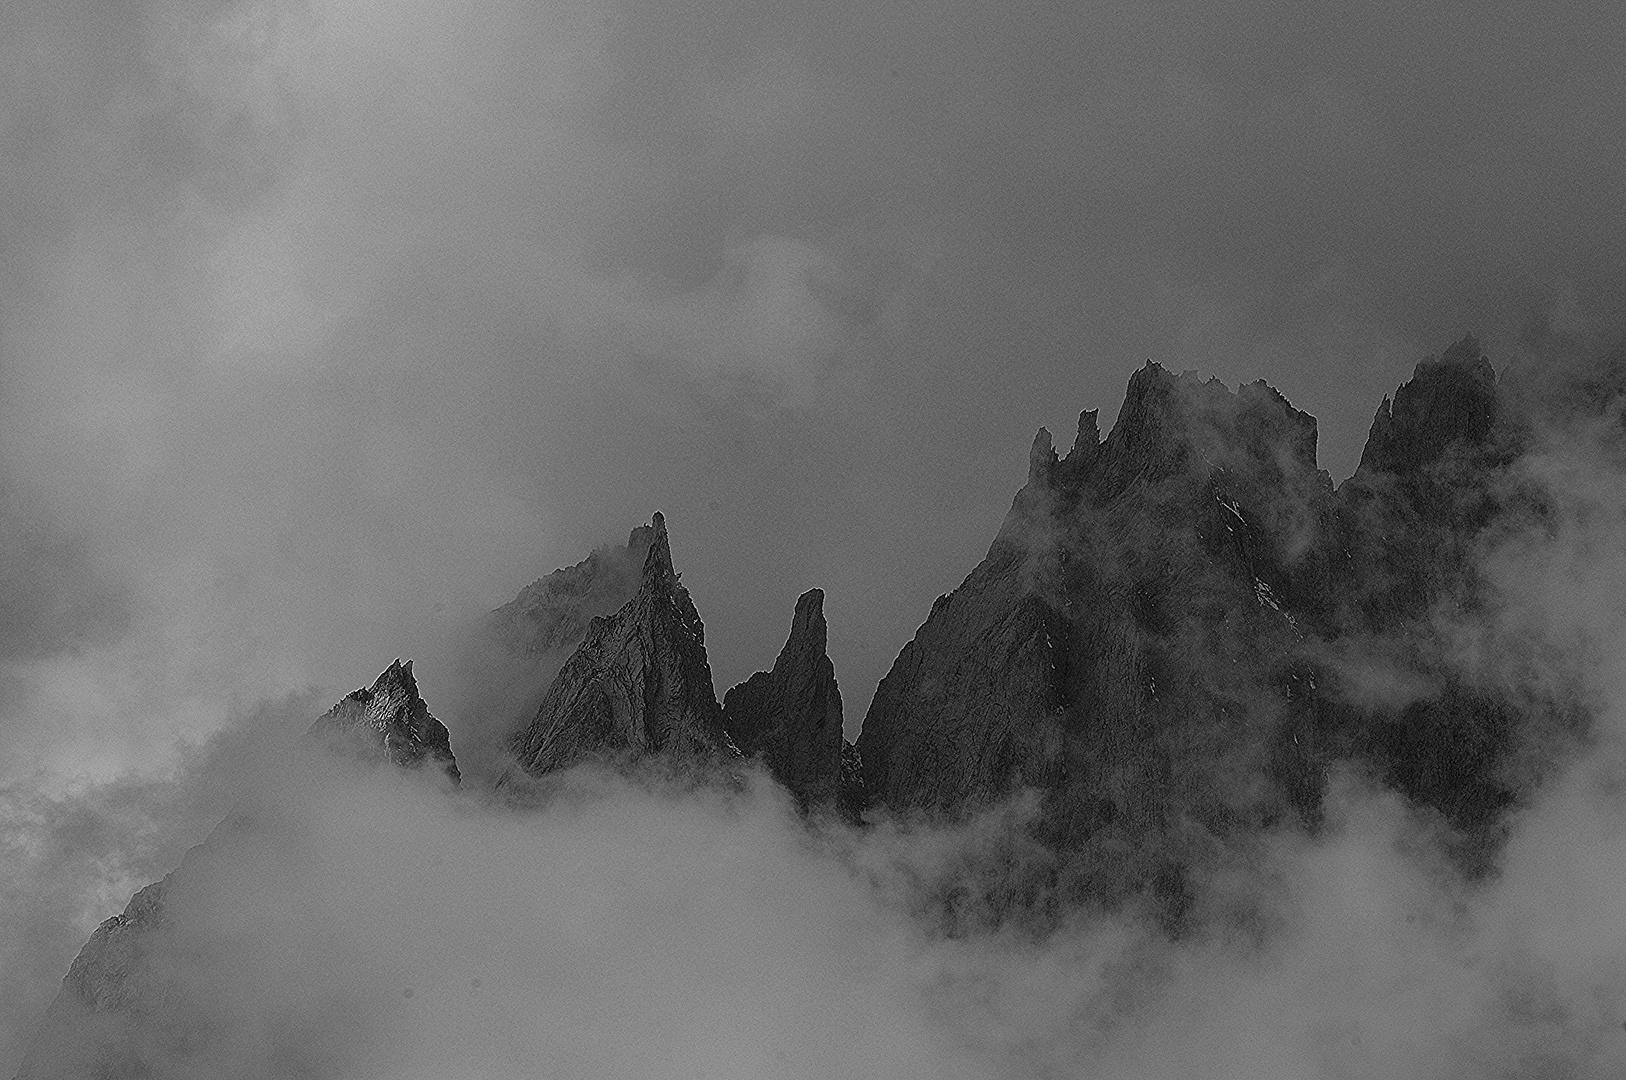 Fusshörner im Nebel